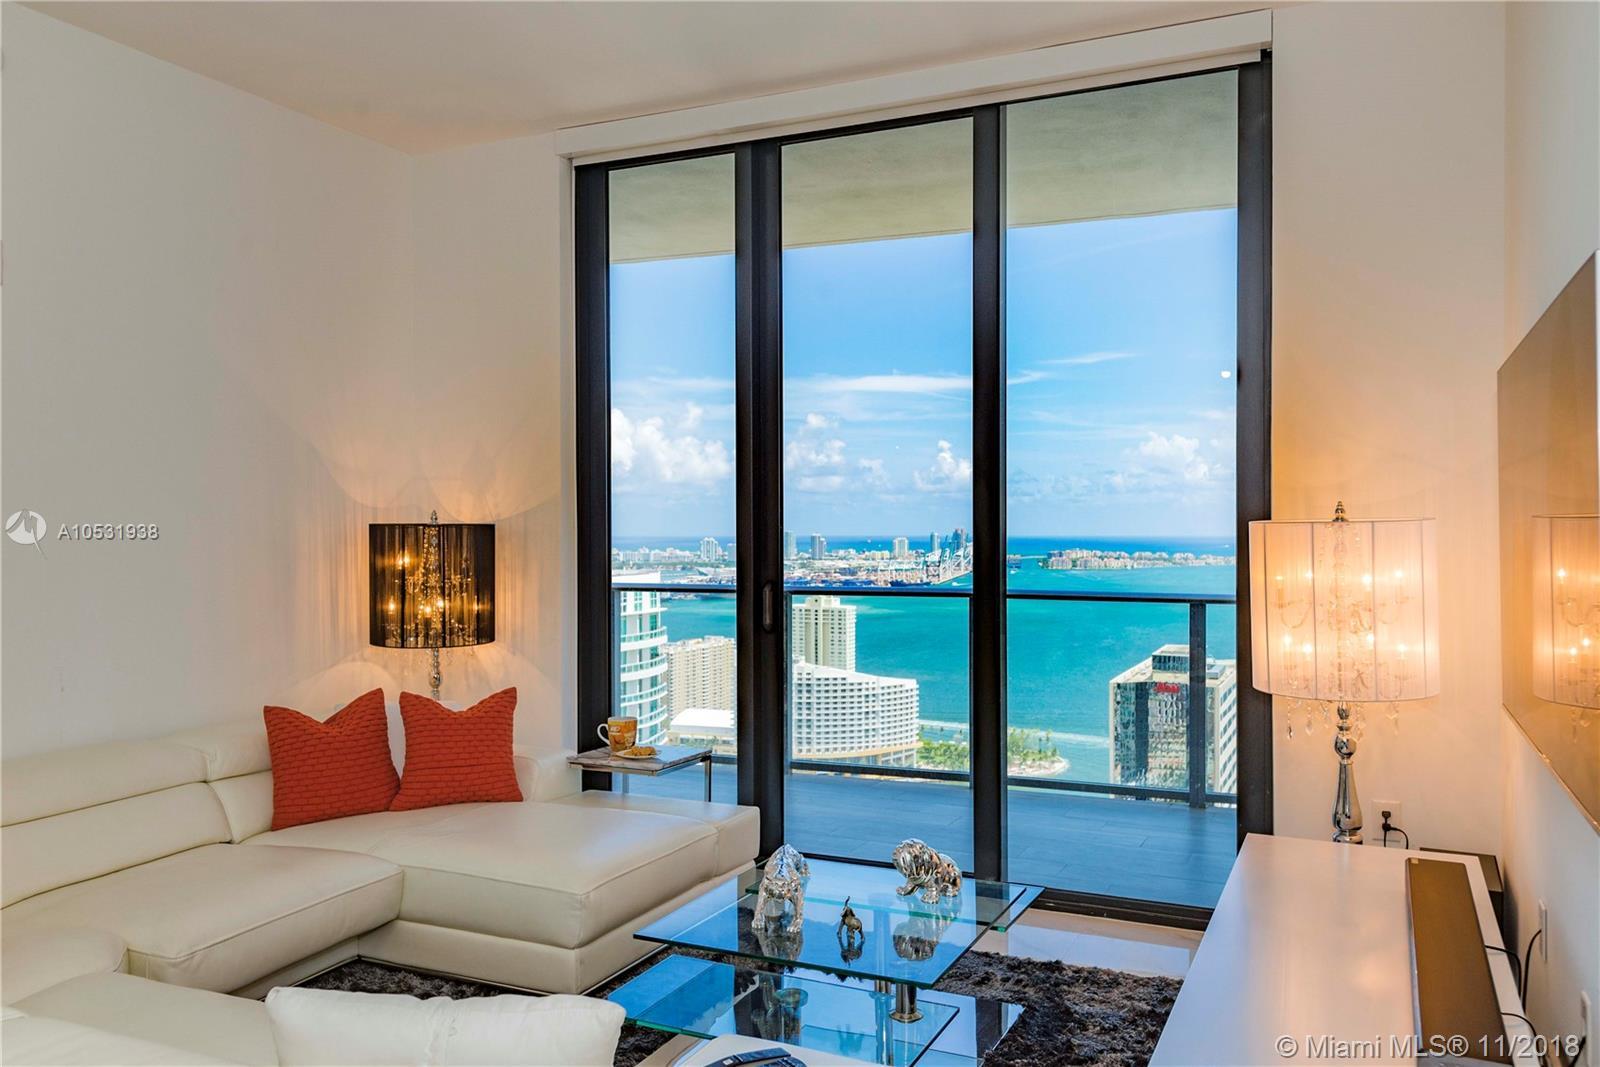 1010 Brickell Avenue, Miami, FL 33131, 1010 Brickell #4704, Brickell, Miami A10531938 image #4